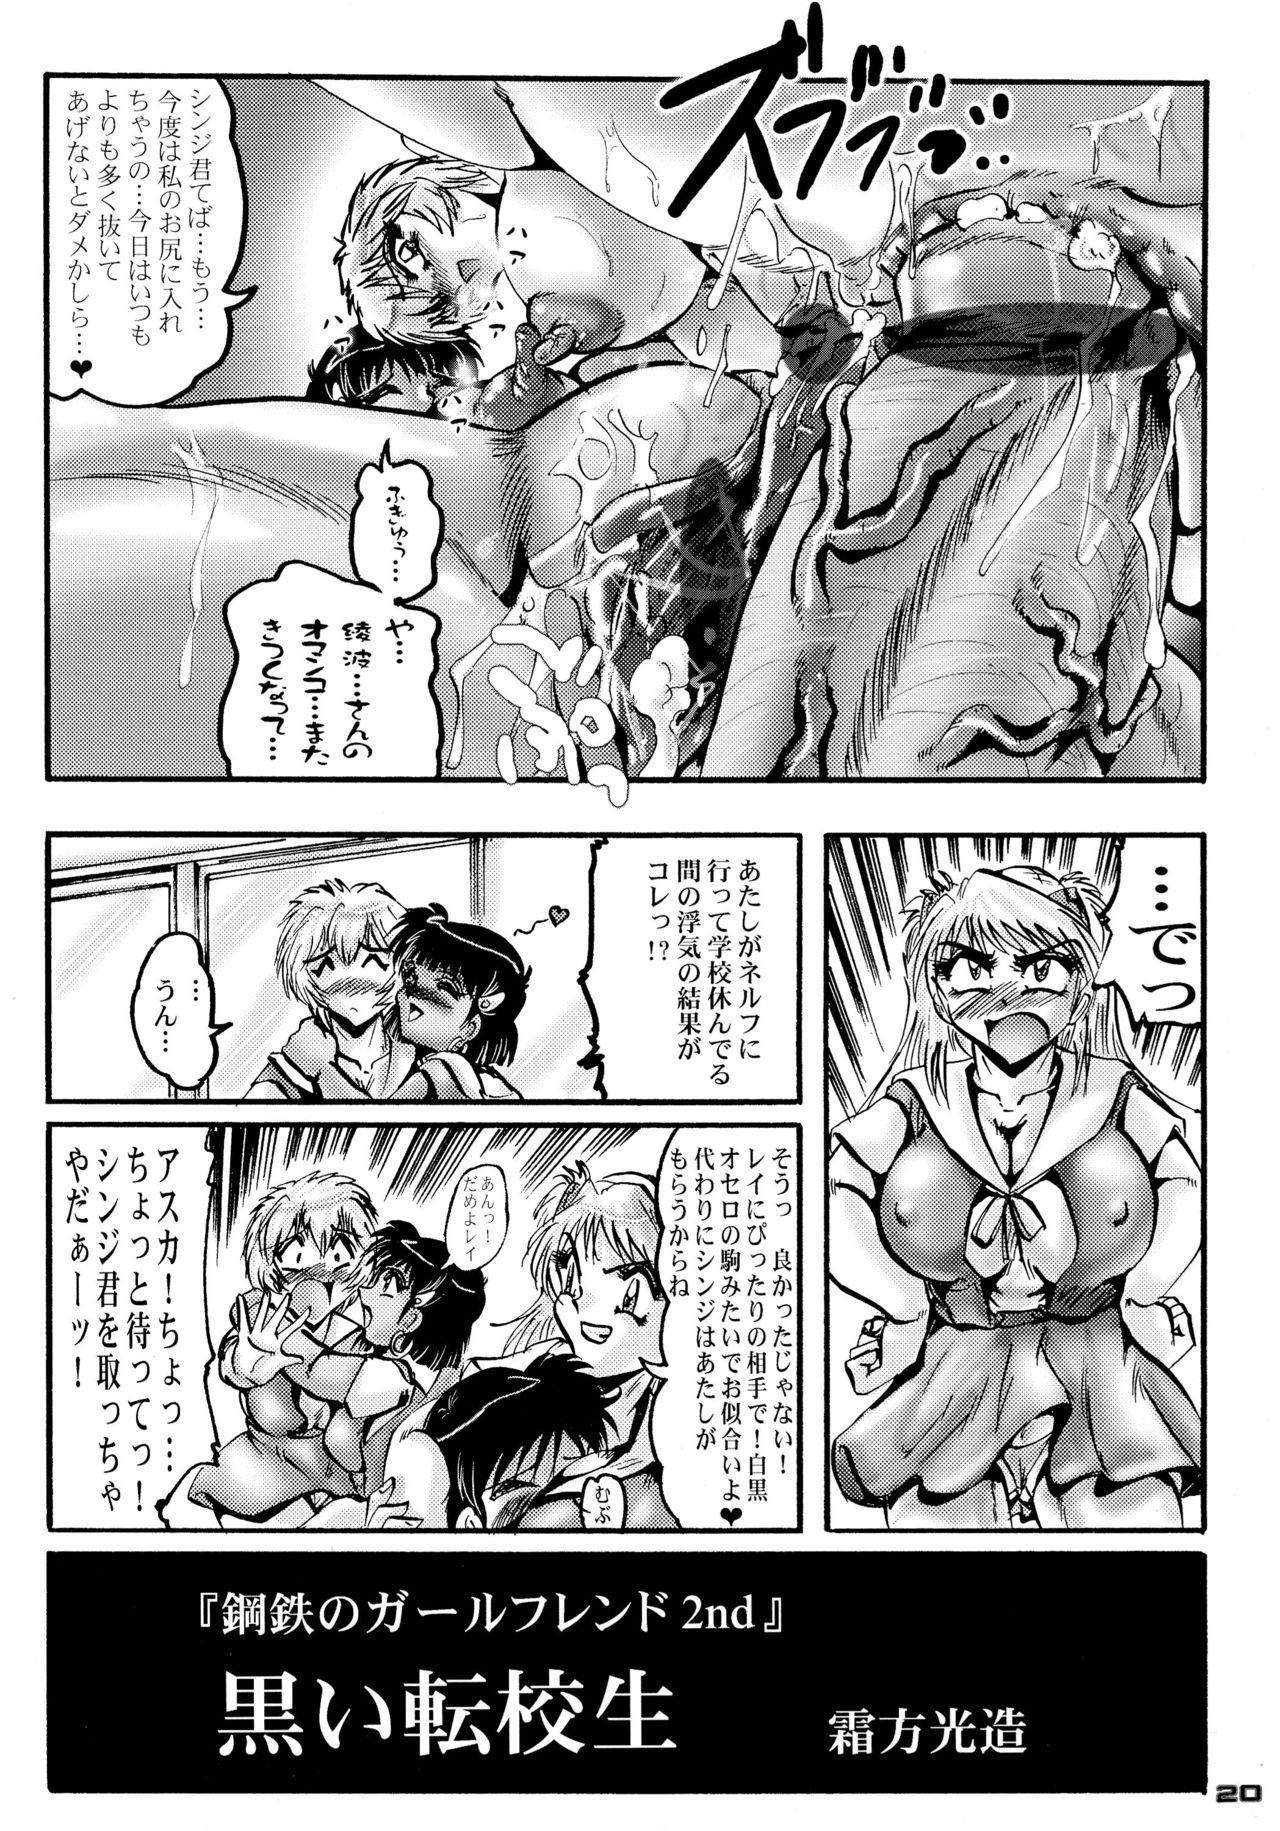 Shin Hanzyuuryoku XII 19